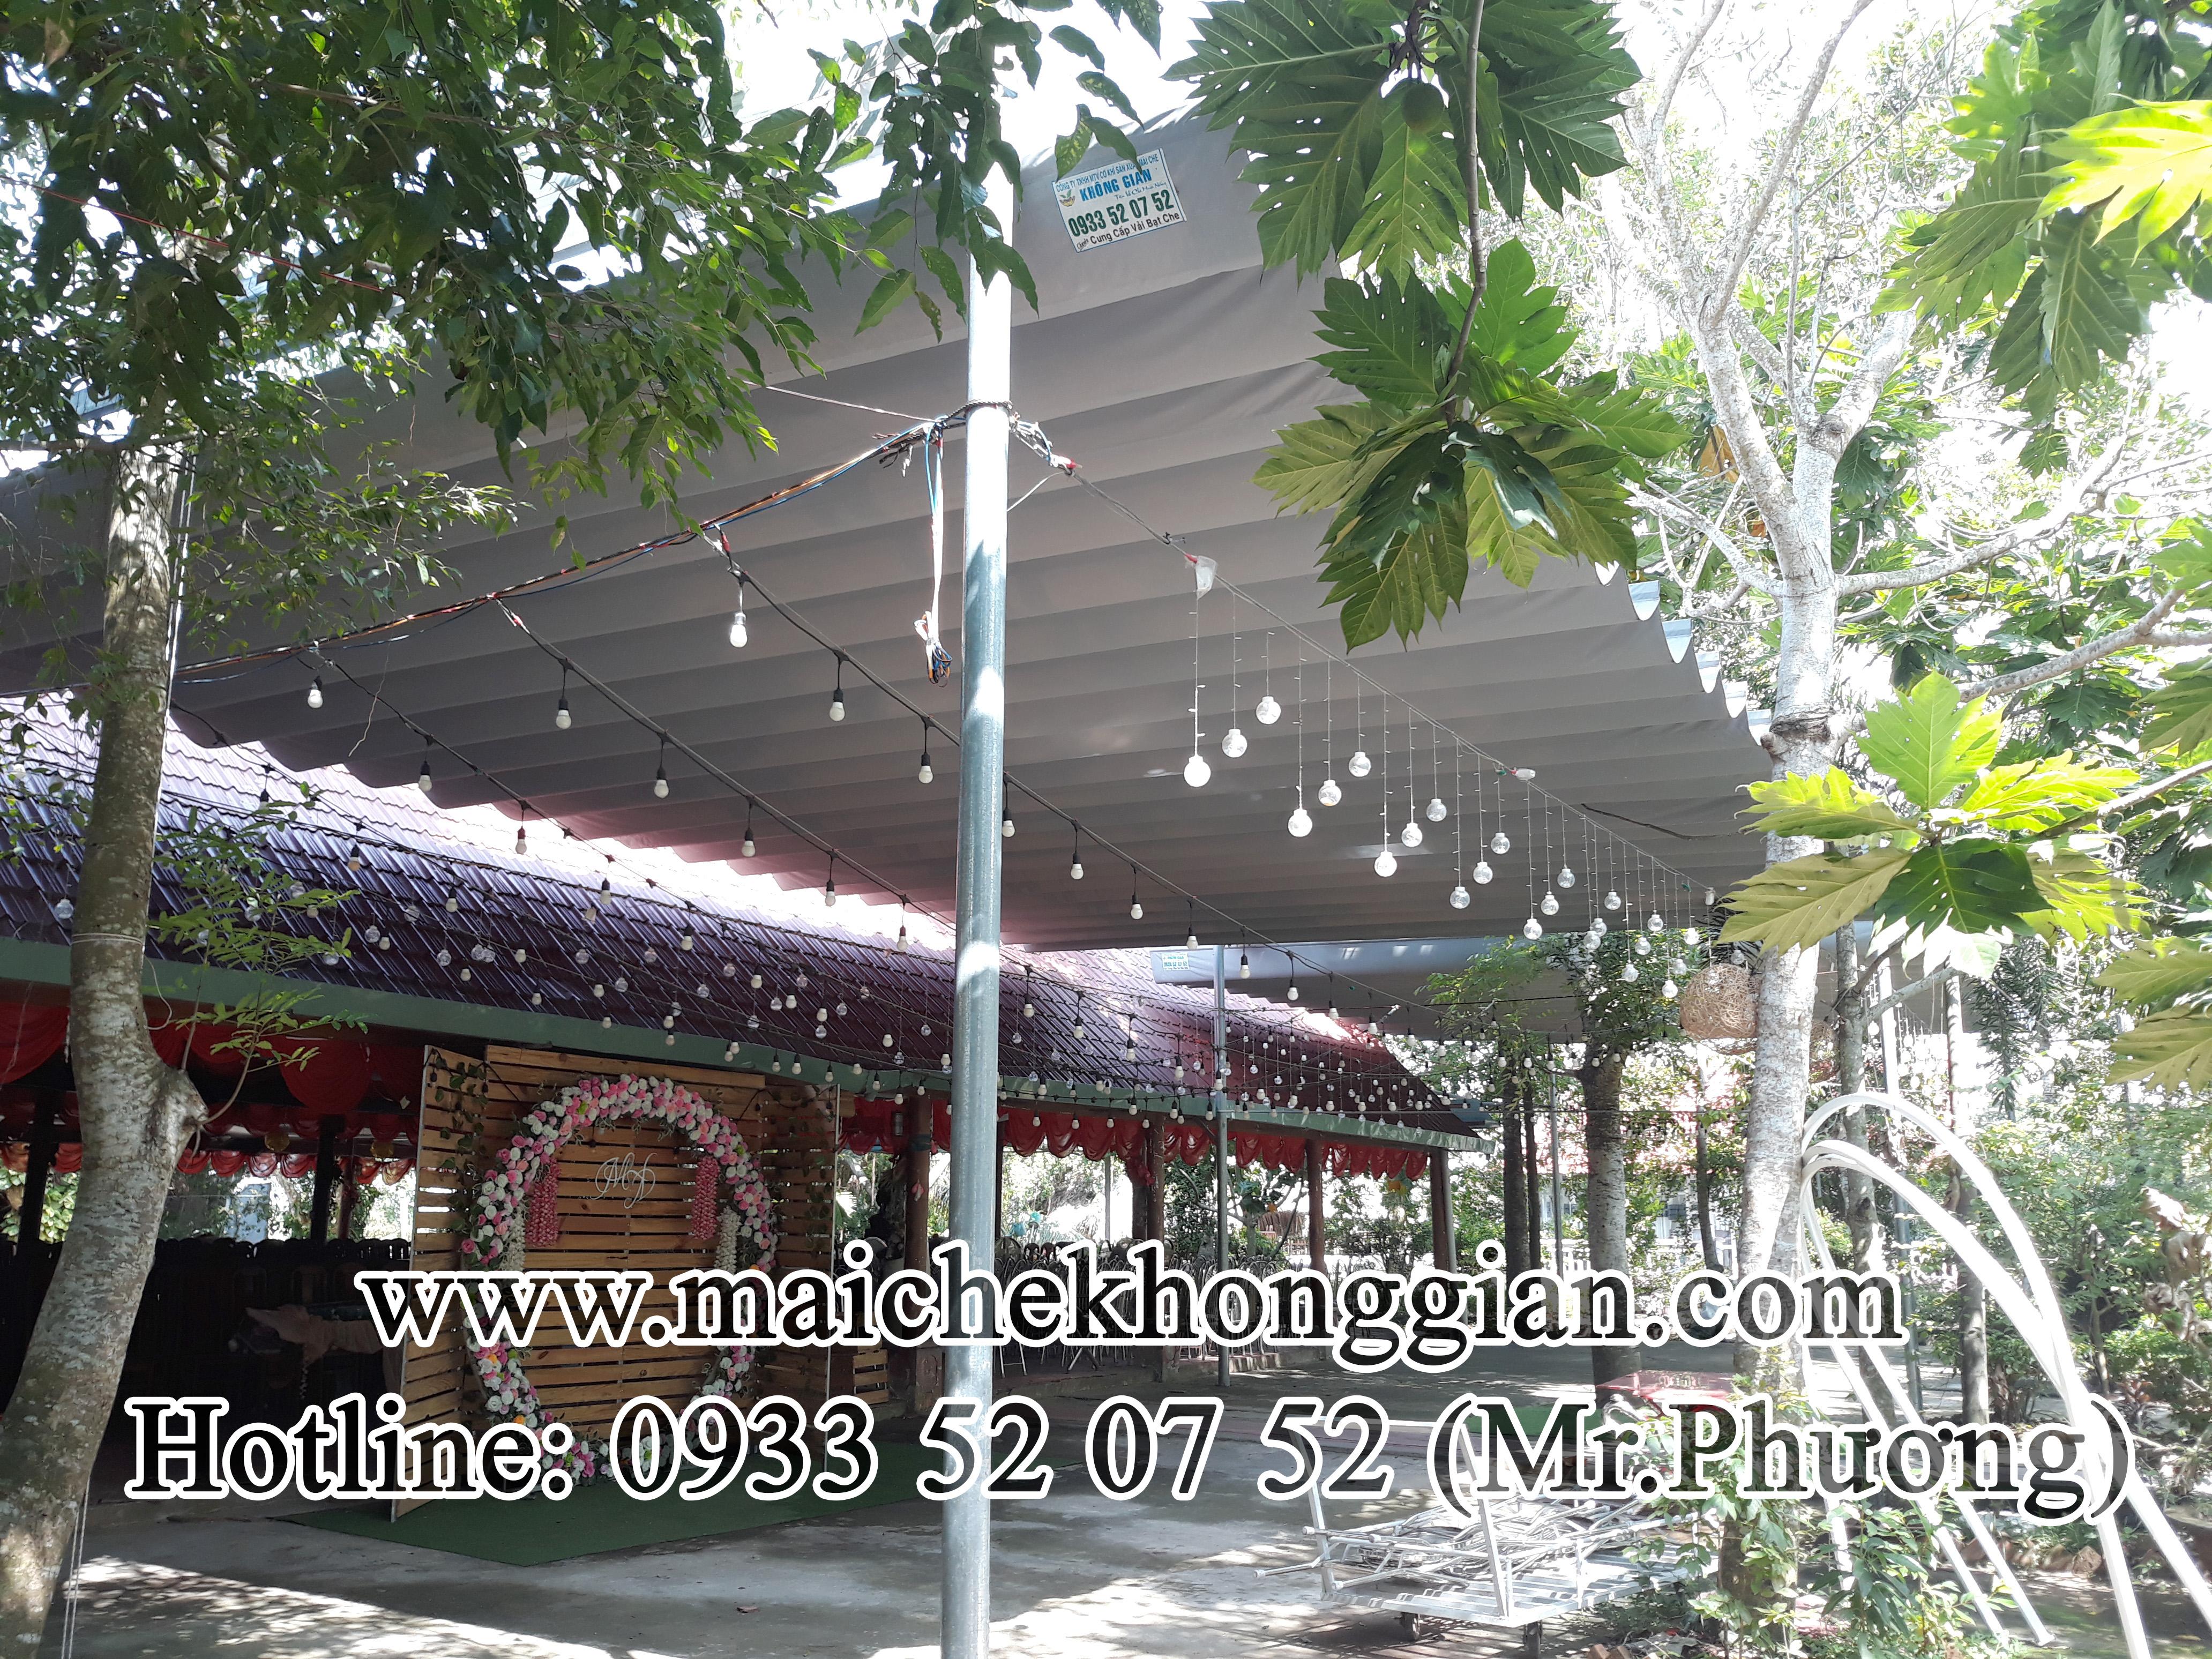 Thay bạt mái che Quận Tân Phú TP Hồ Chí Minh